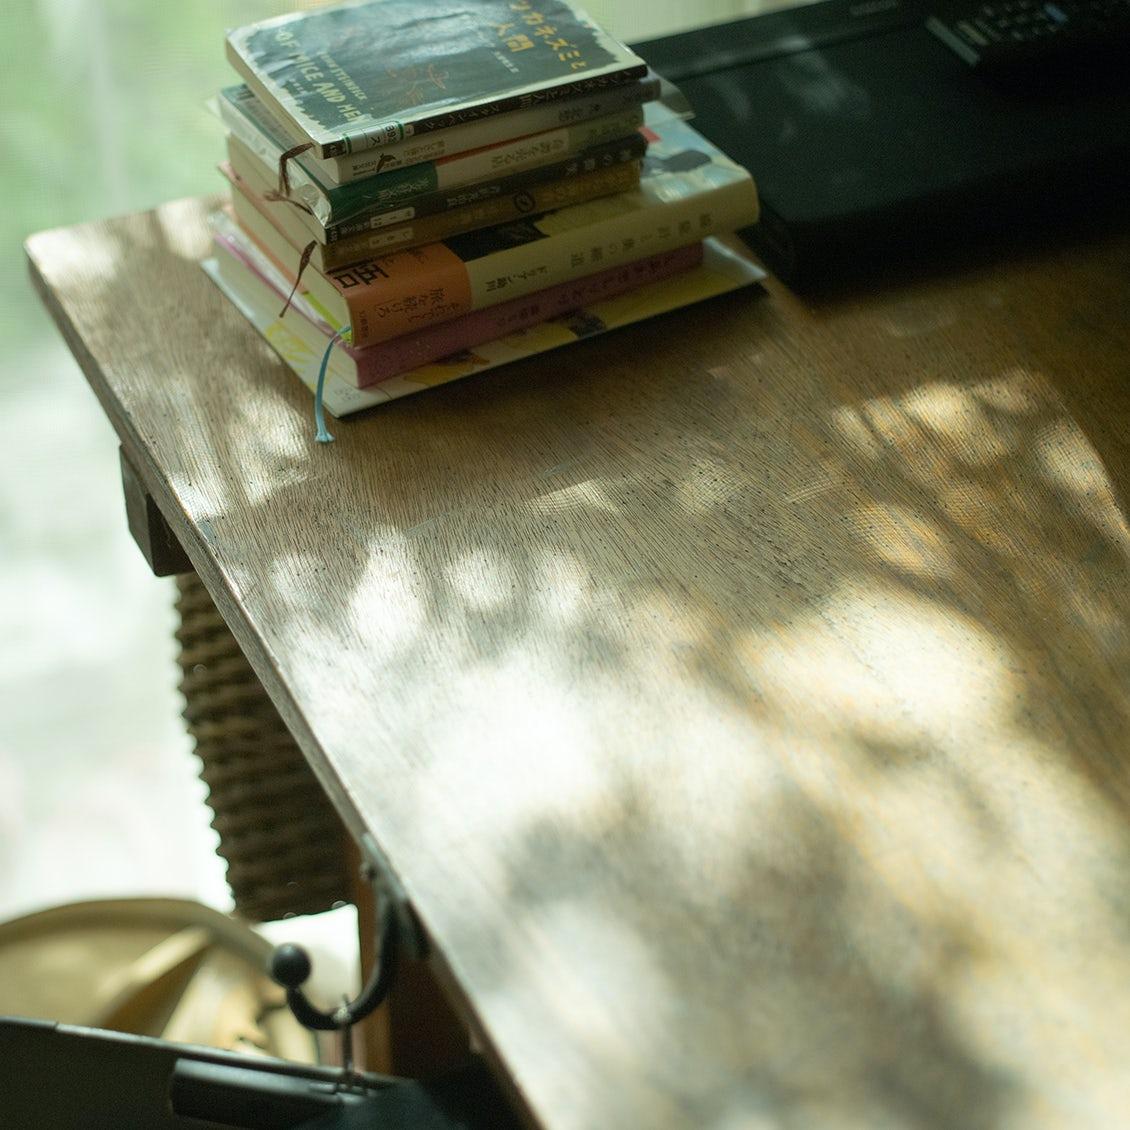 【メルマガ限定】毎日を面白がってみたら。随筆家・山本ふみこさんのエッセイが始まります。